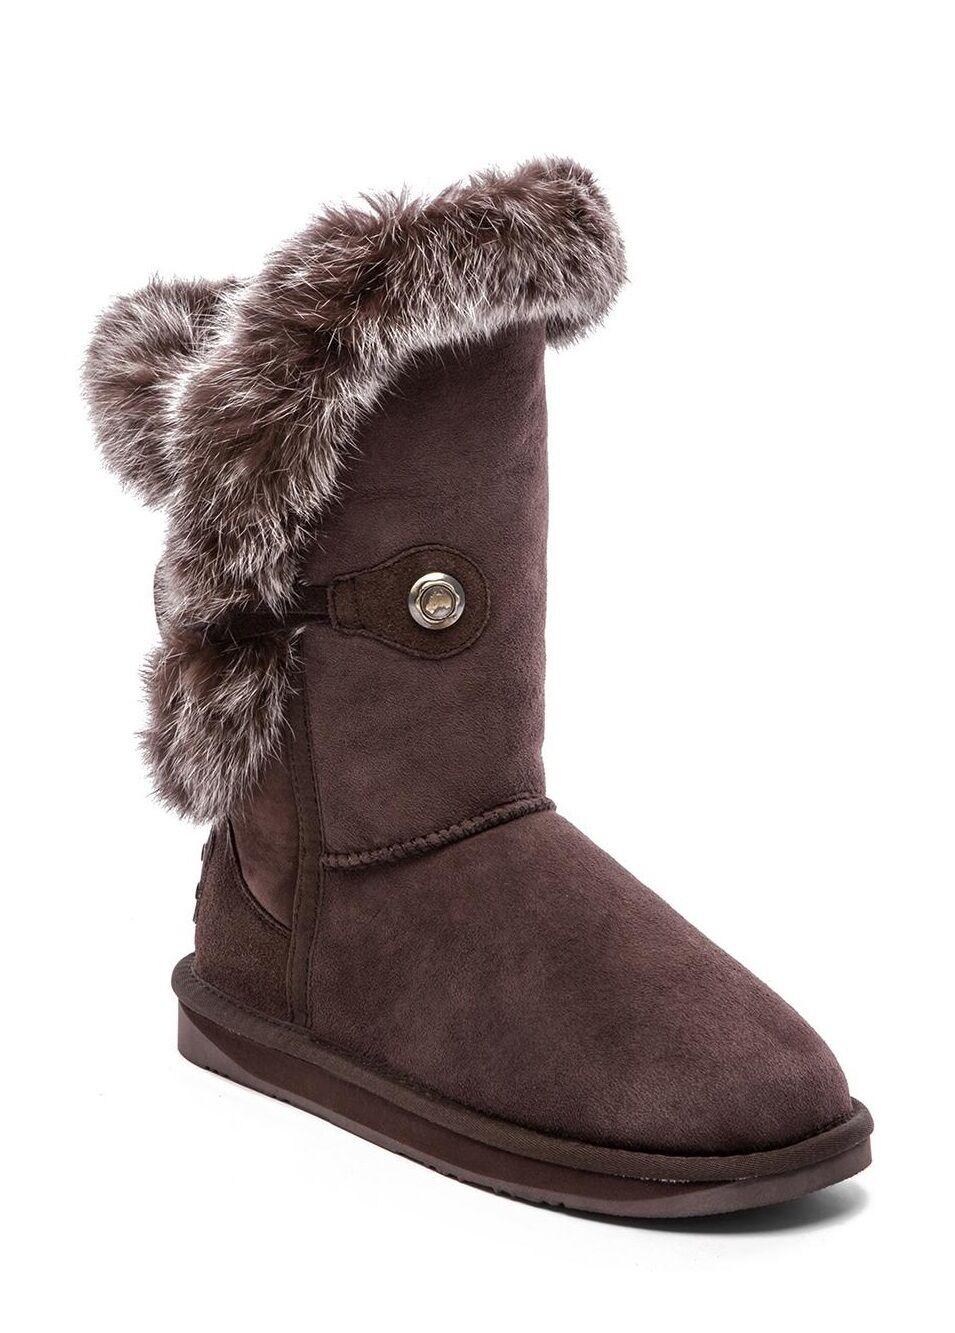 Australia Luxe Collective para mujer mujer mujer de invierno nordic Corto botas Zapatos de piel de conejo  Vuelta de 10 dias